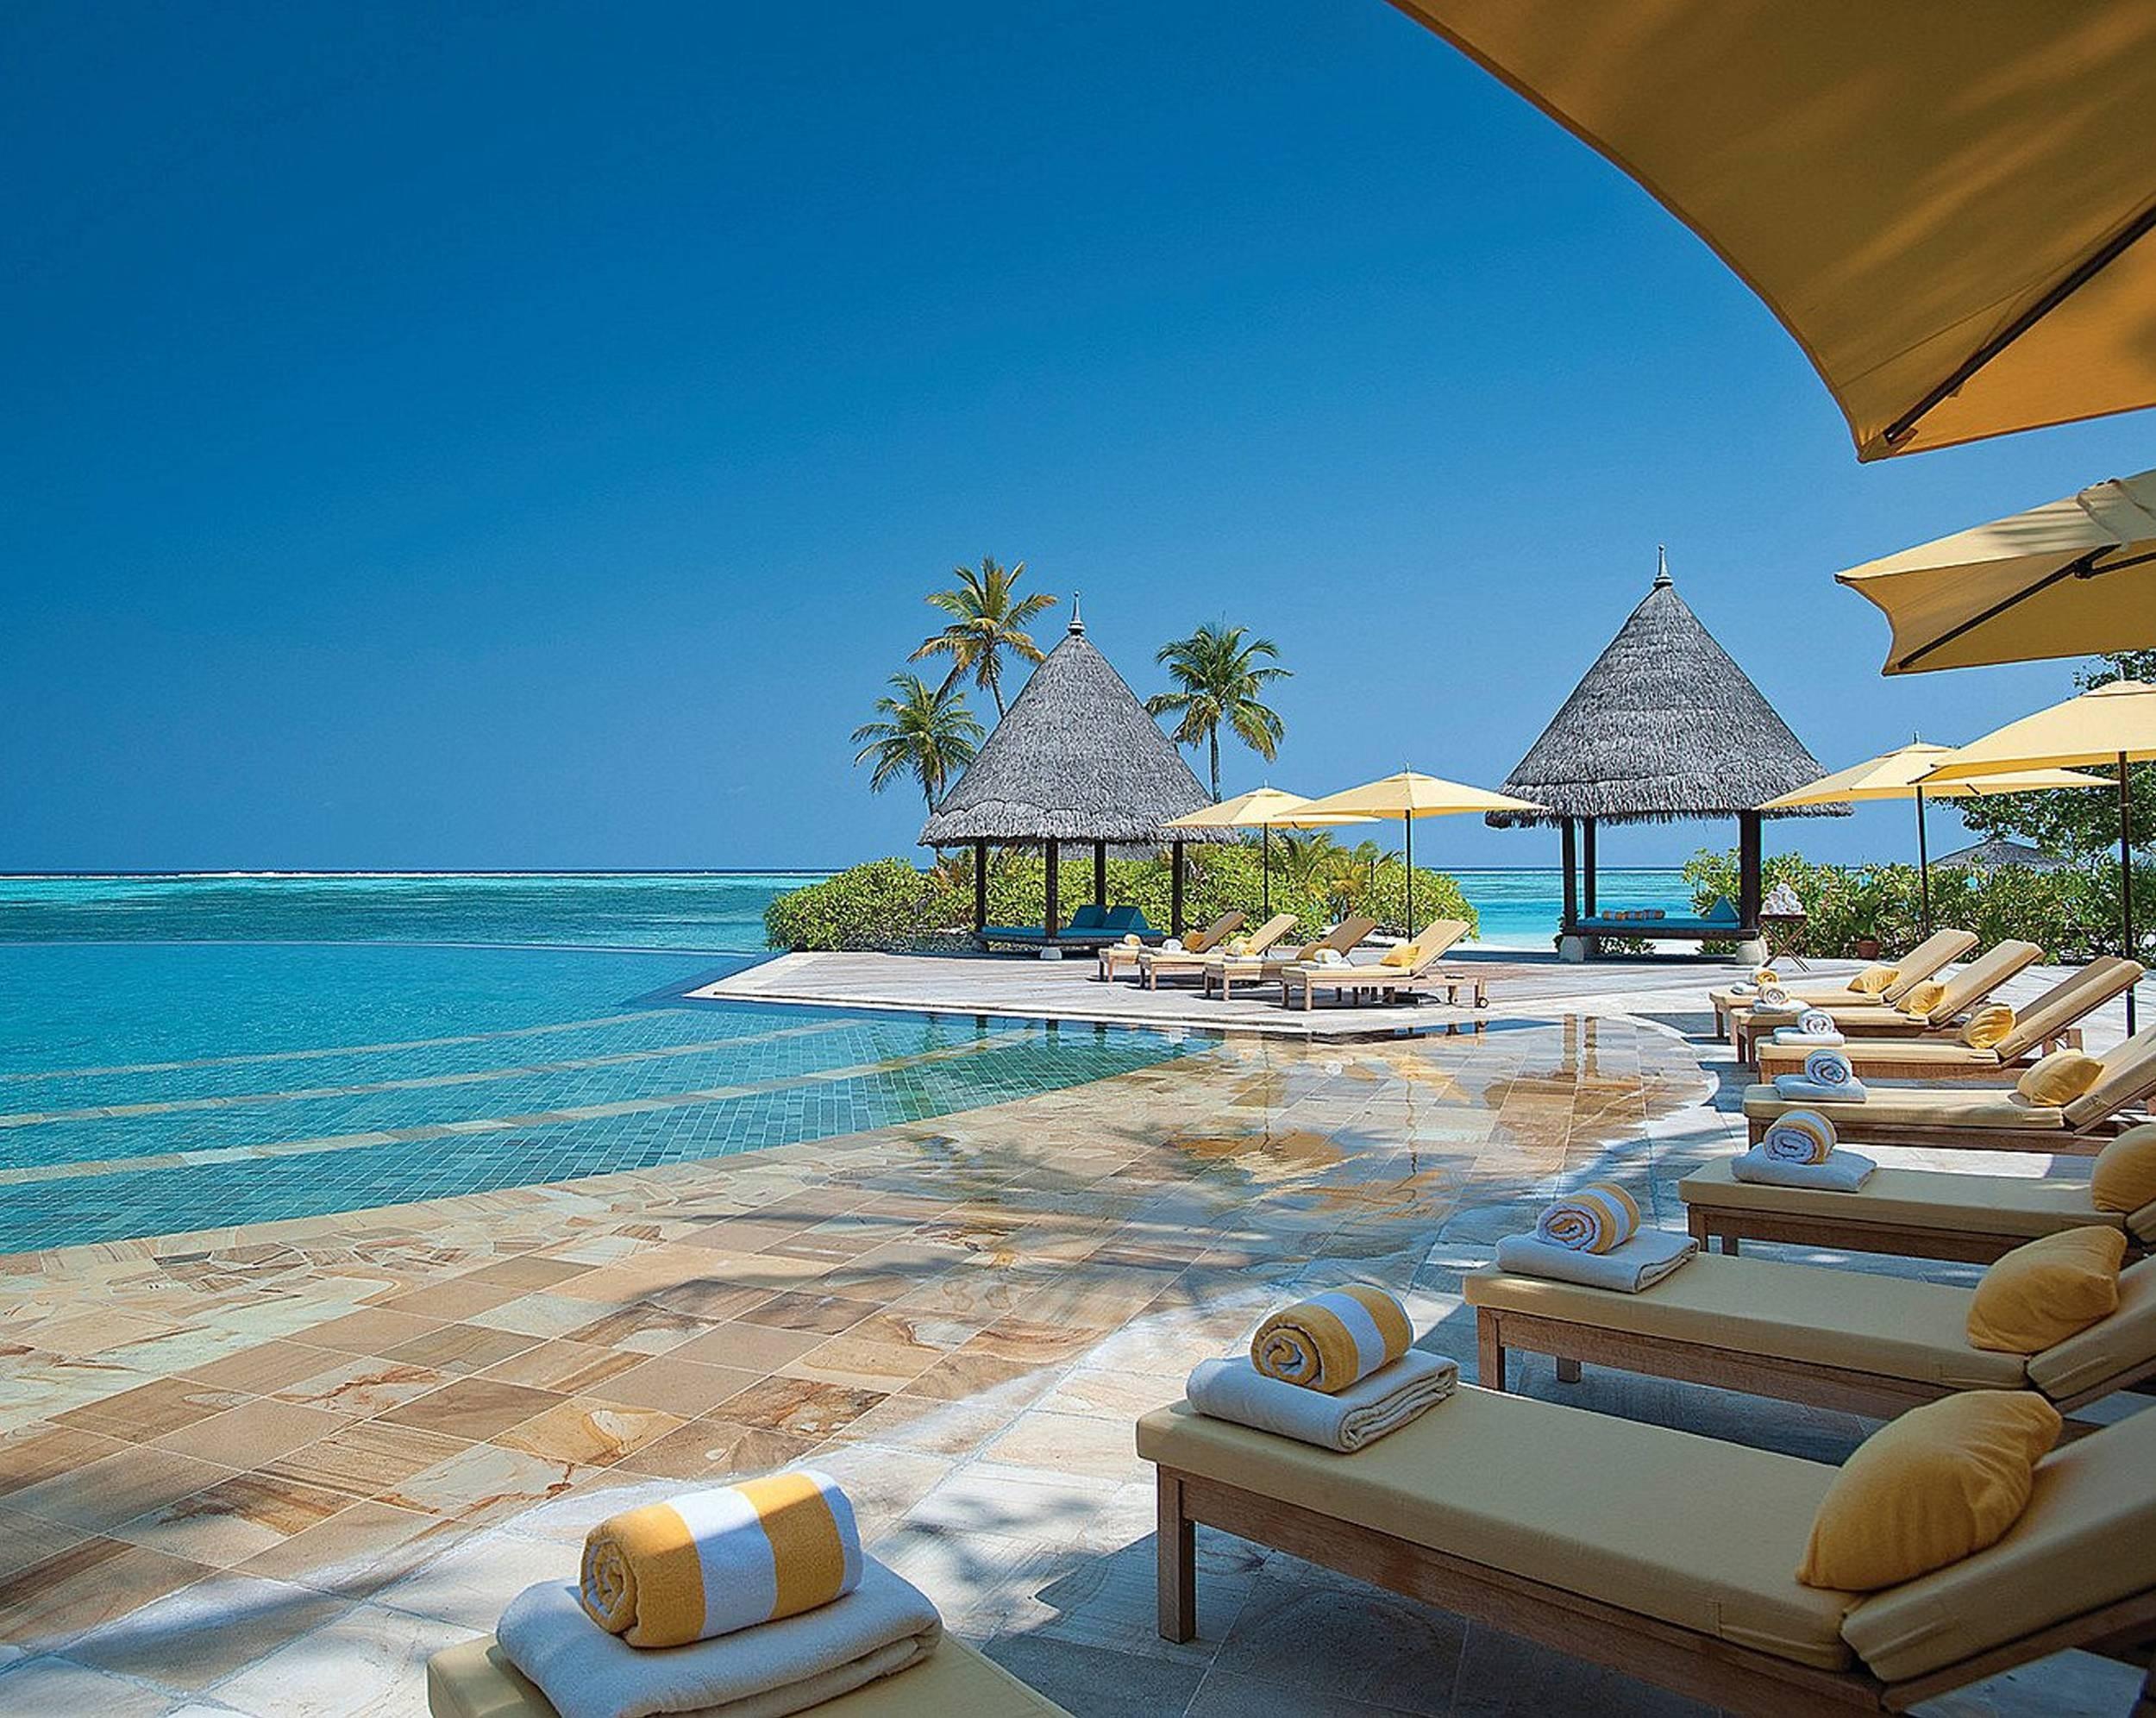 resorts1